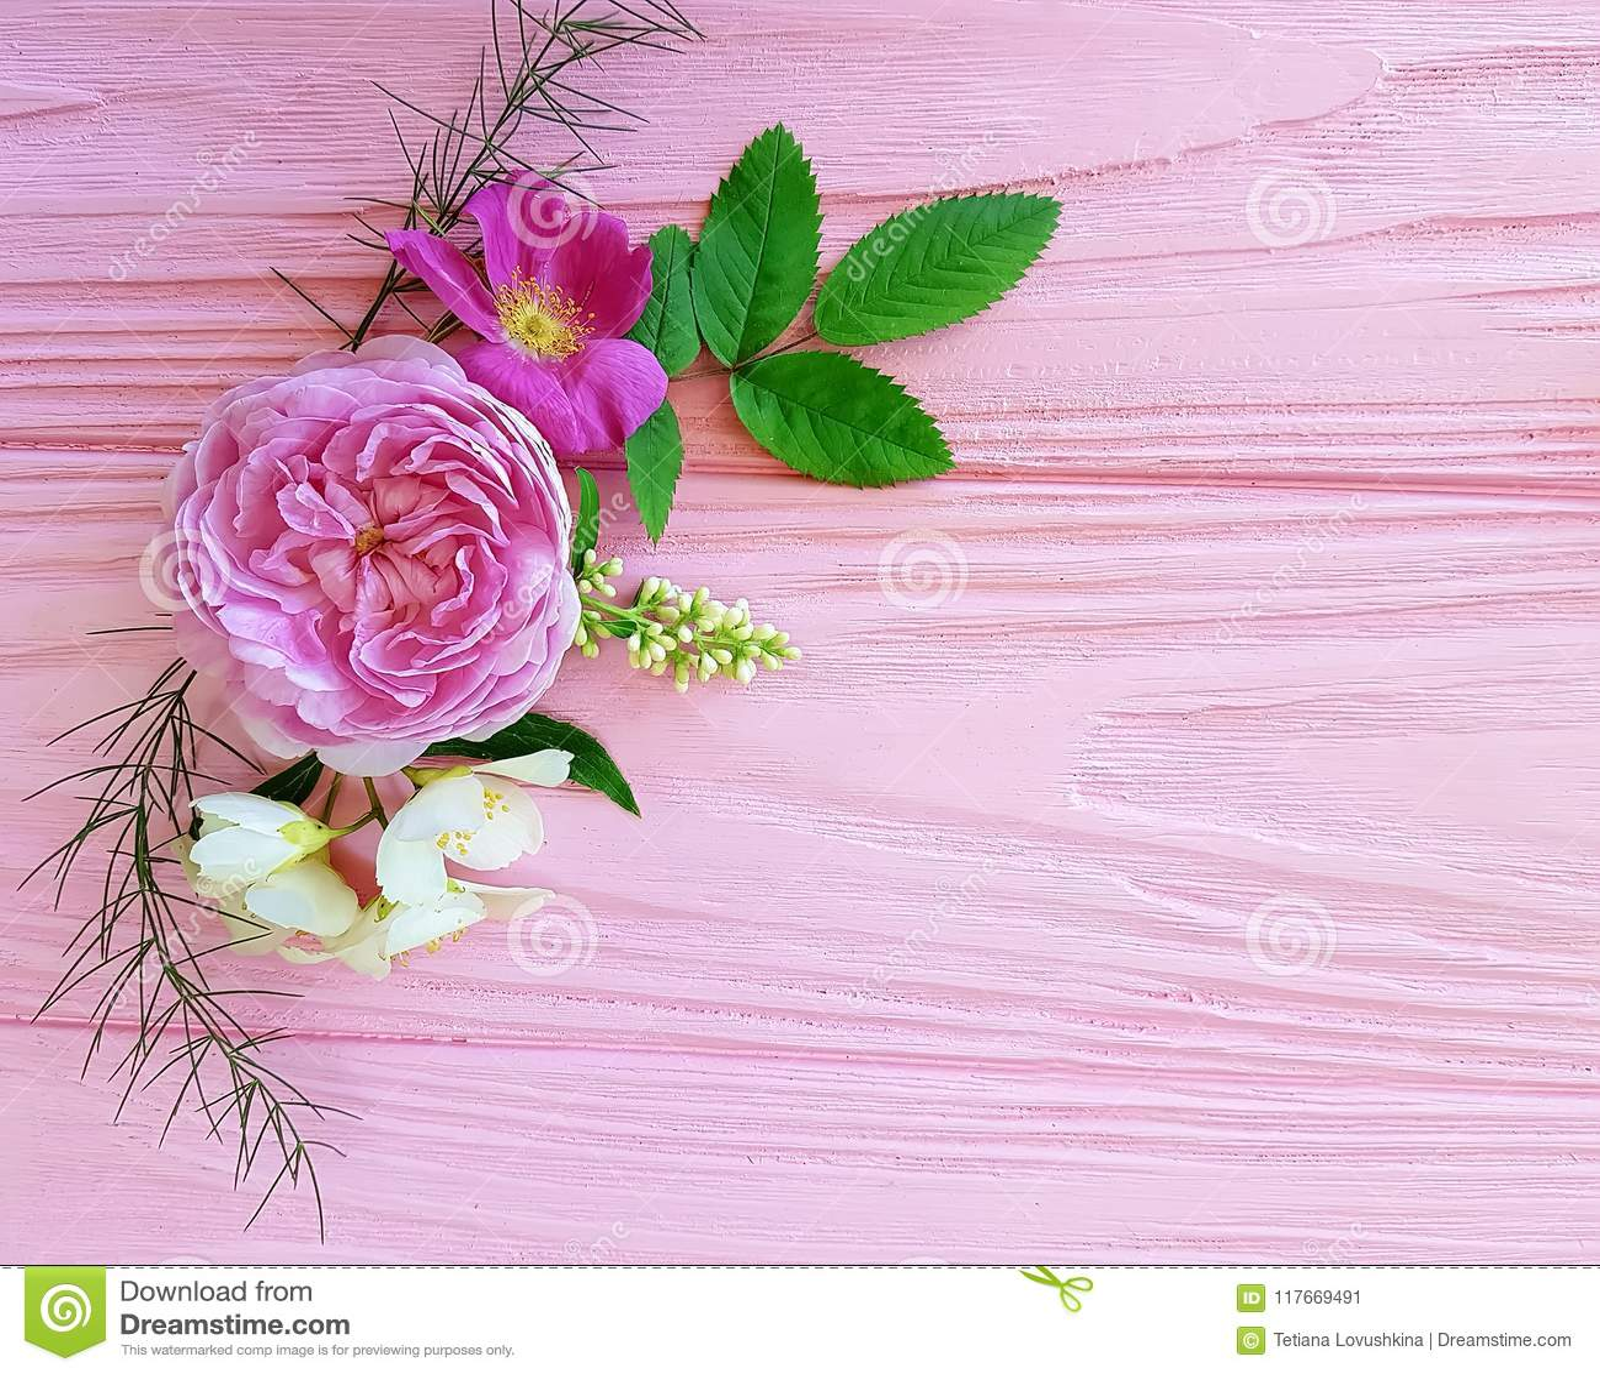 För bukettsäsong för rosor härlig ram på en rosa träbakgrundsjasmin, magnolia